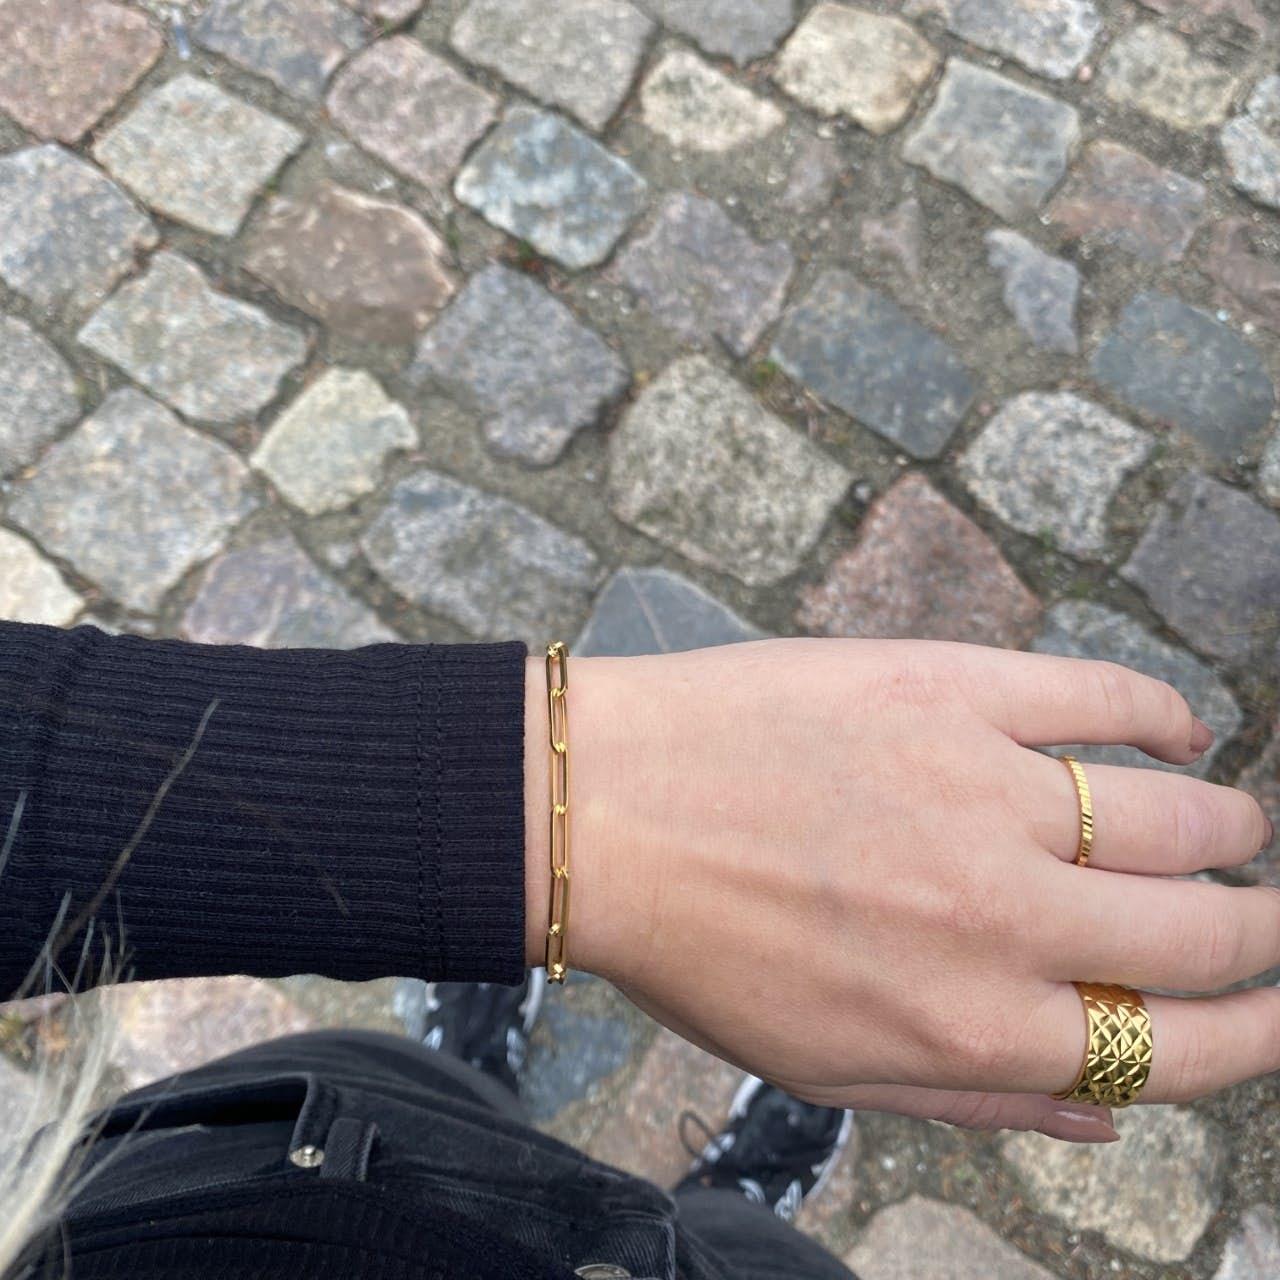 Stretched Reflection Bracelet von Jane Kønig in Silber Sterling 925